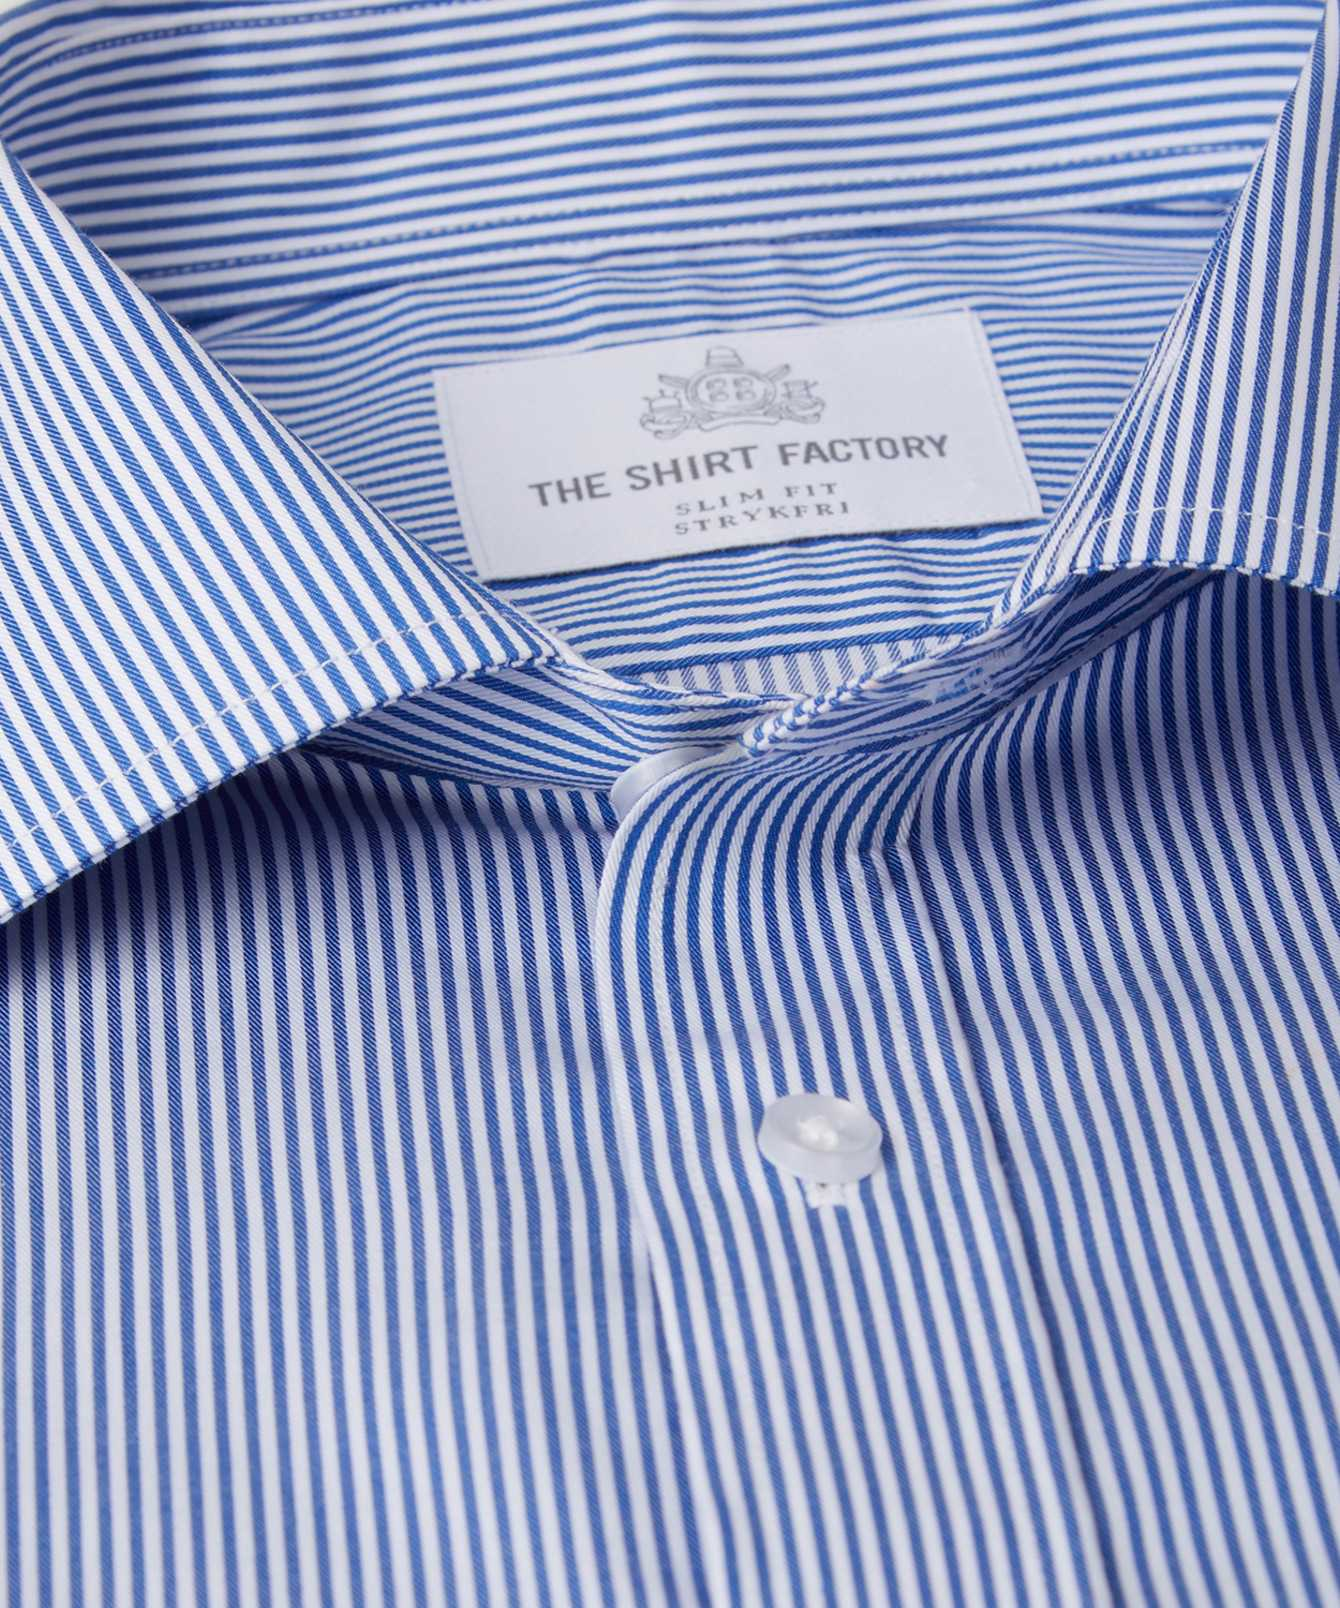 Skjorta Wick Strykfri The Shirt Factory